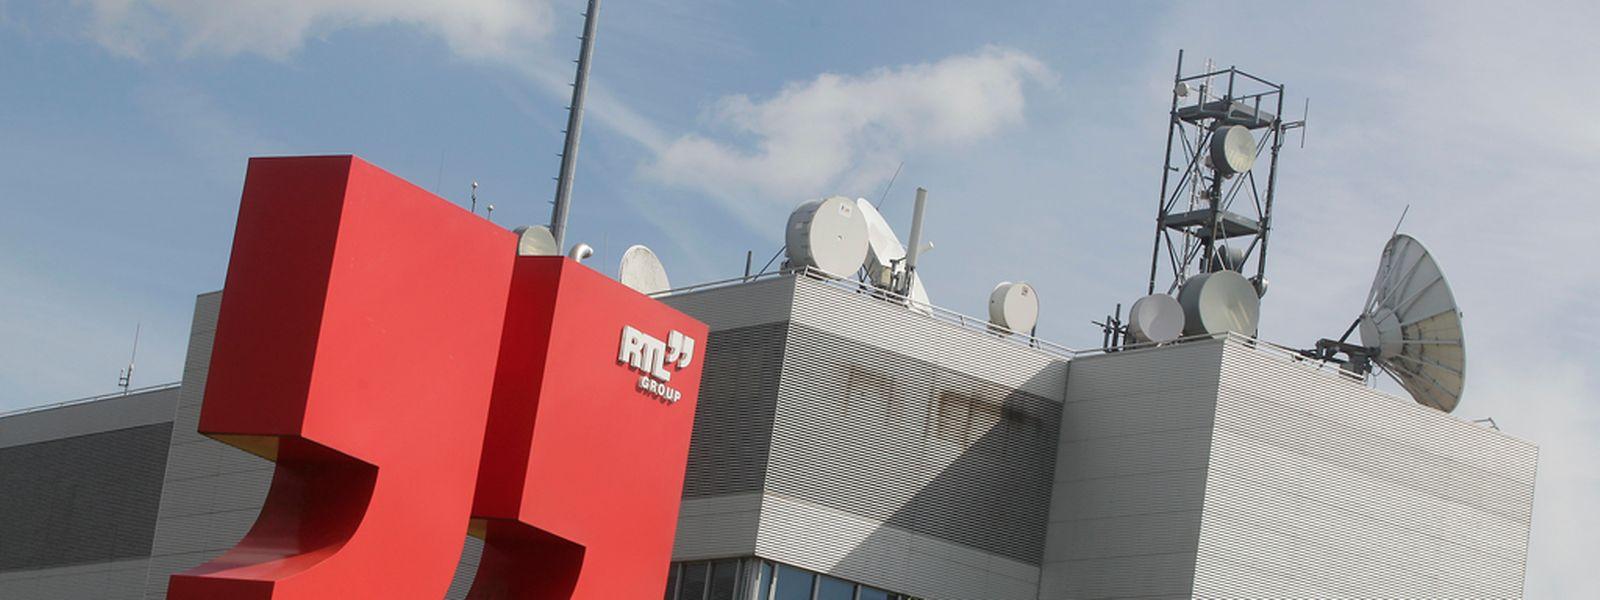 M6 rachète RTL radio pour 216 millions d'euros.